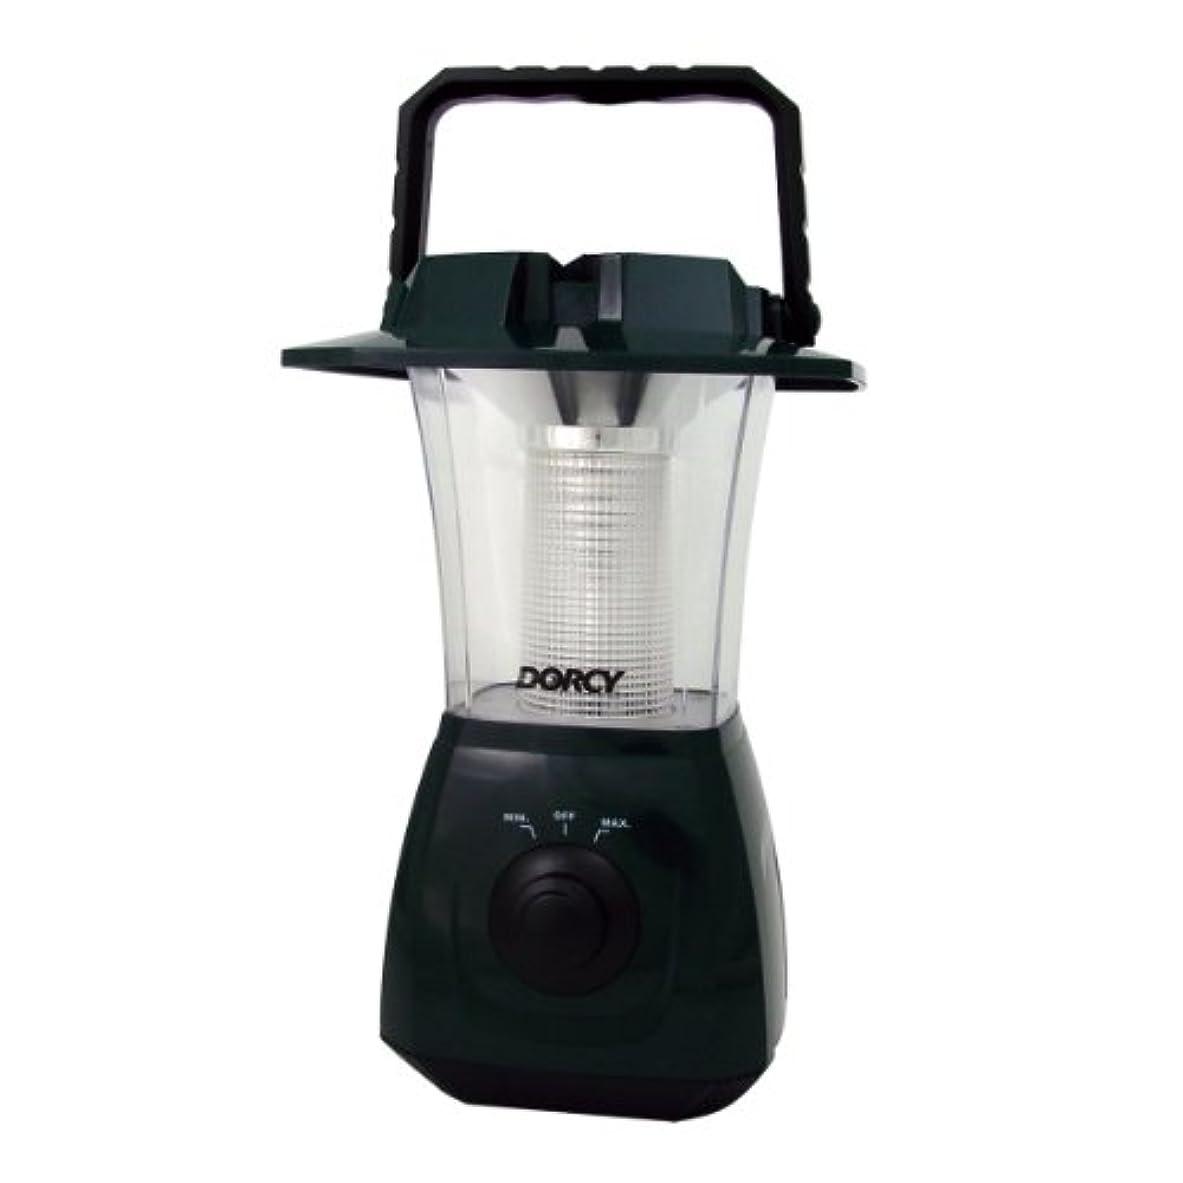 エスニック本質的ではない話すDorcy 41-4268 6 LED Dynamo Lantern AC/DC - Green